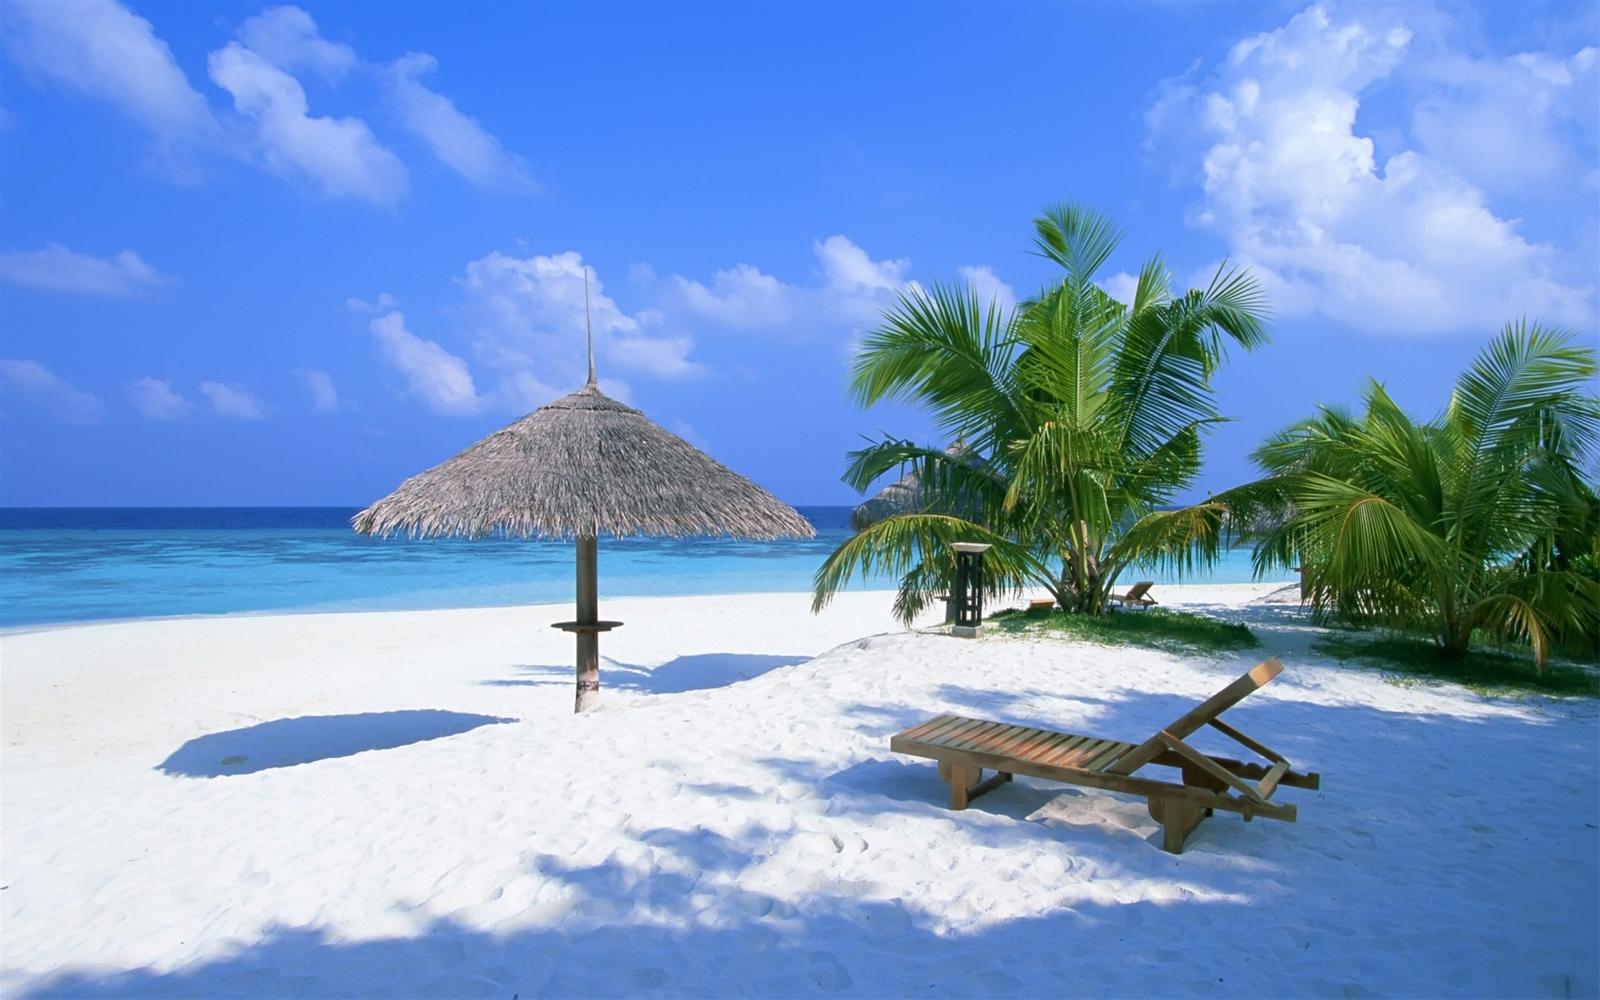 Du lịch Phú Quốc vào mùa nào thì thích hợp nhất?